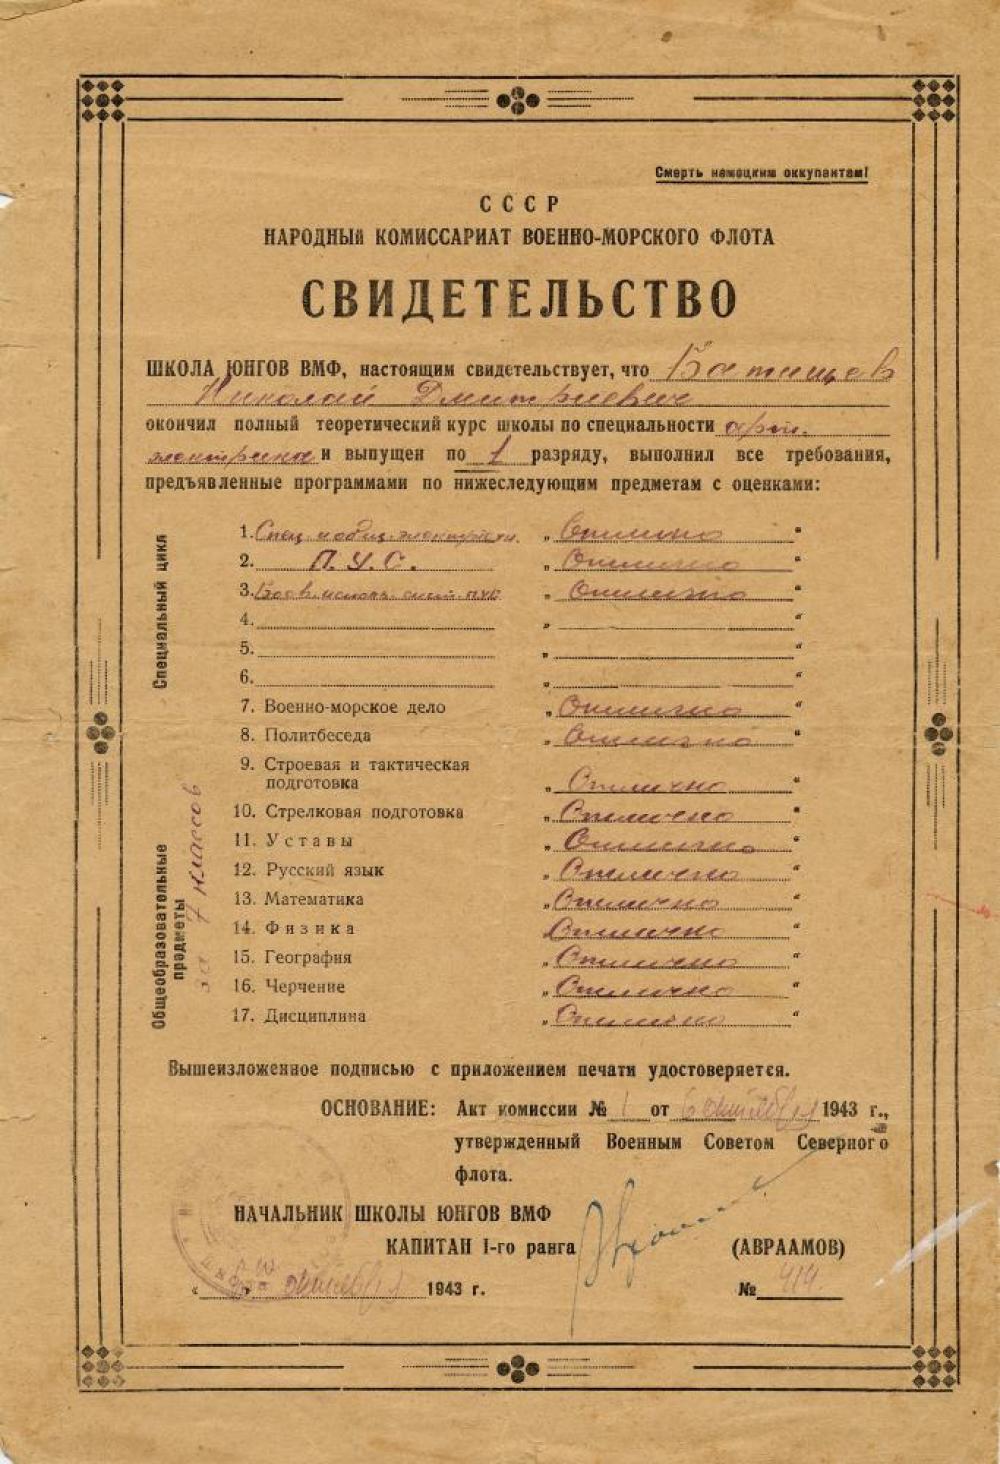 Свидетельство Н.Д. Батищева об окончании ШКОЛЫ ЮНГОВ ВМФ. 1943 г.